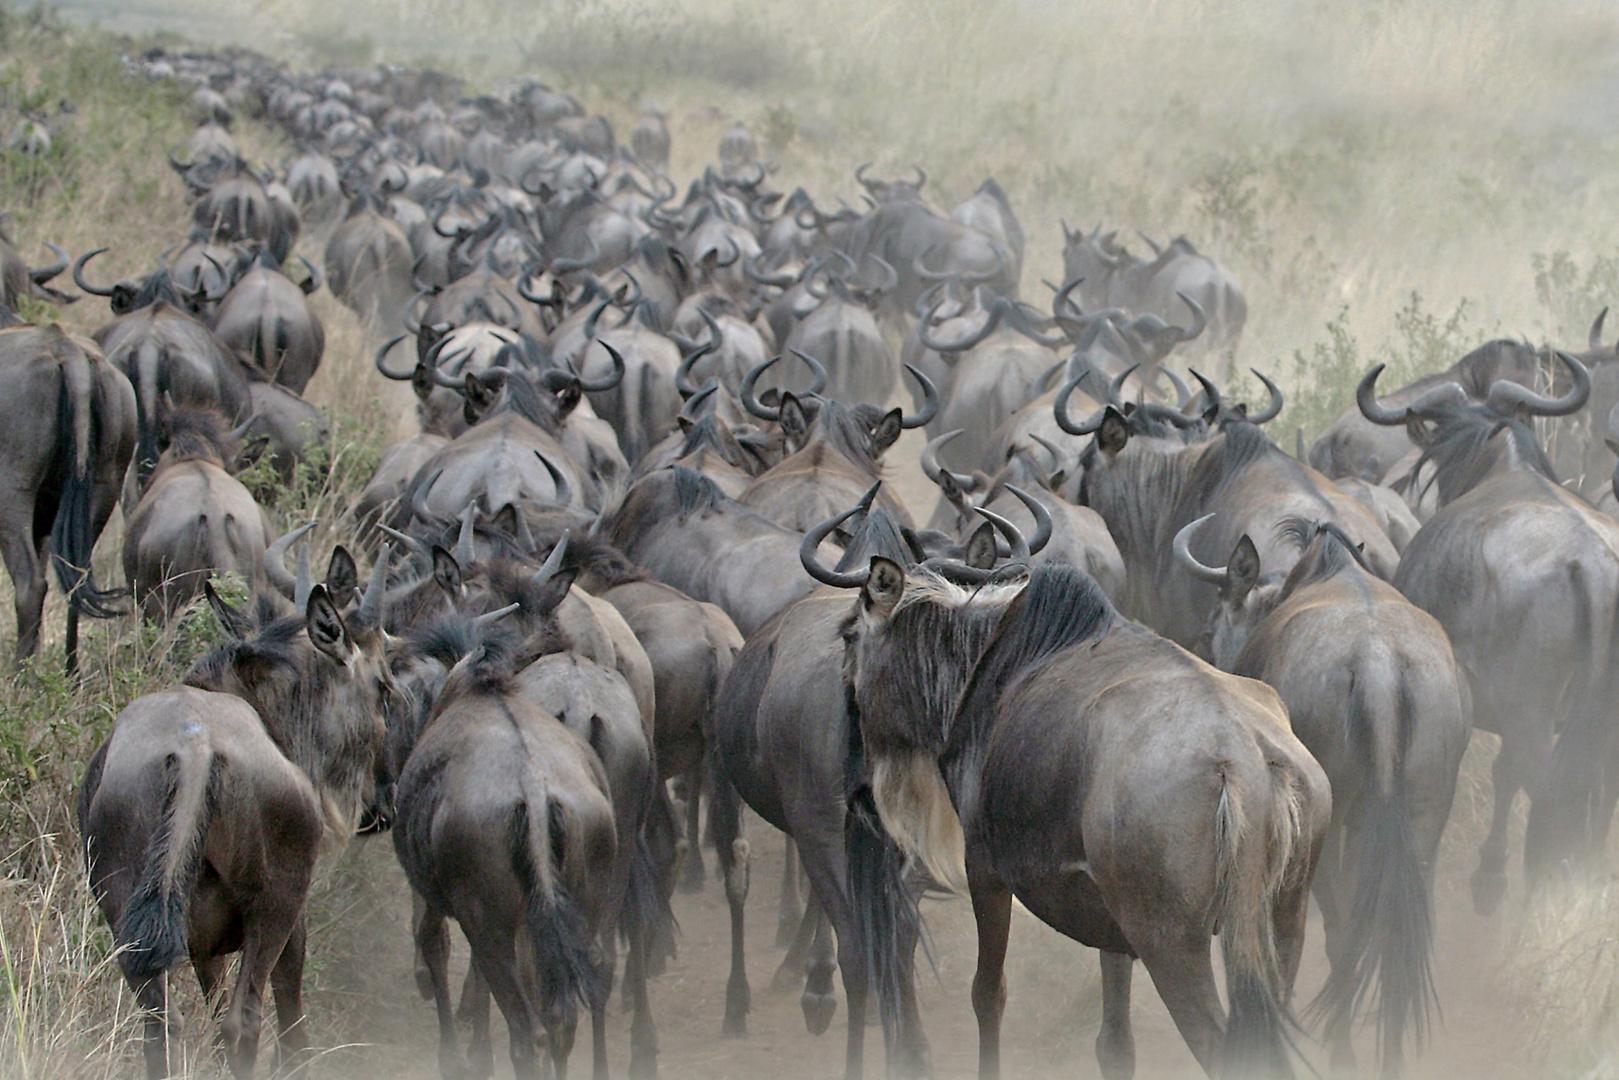 Gnuwanderung in der Masai Mara